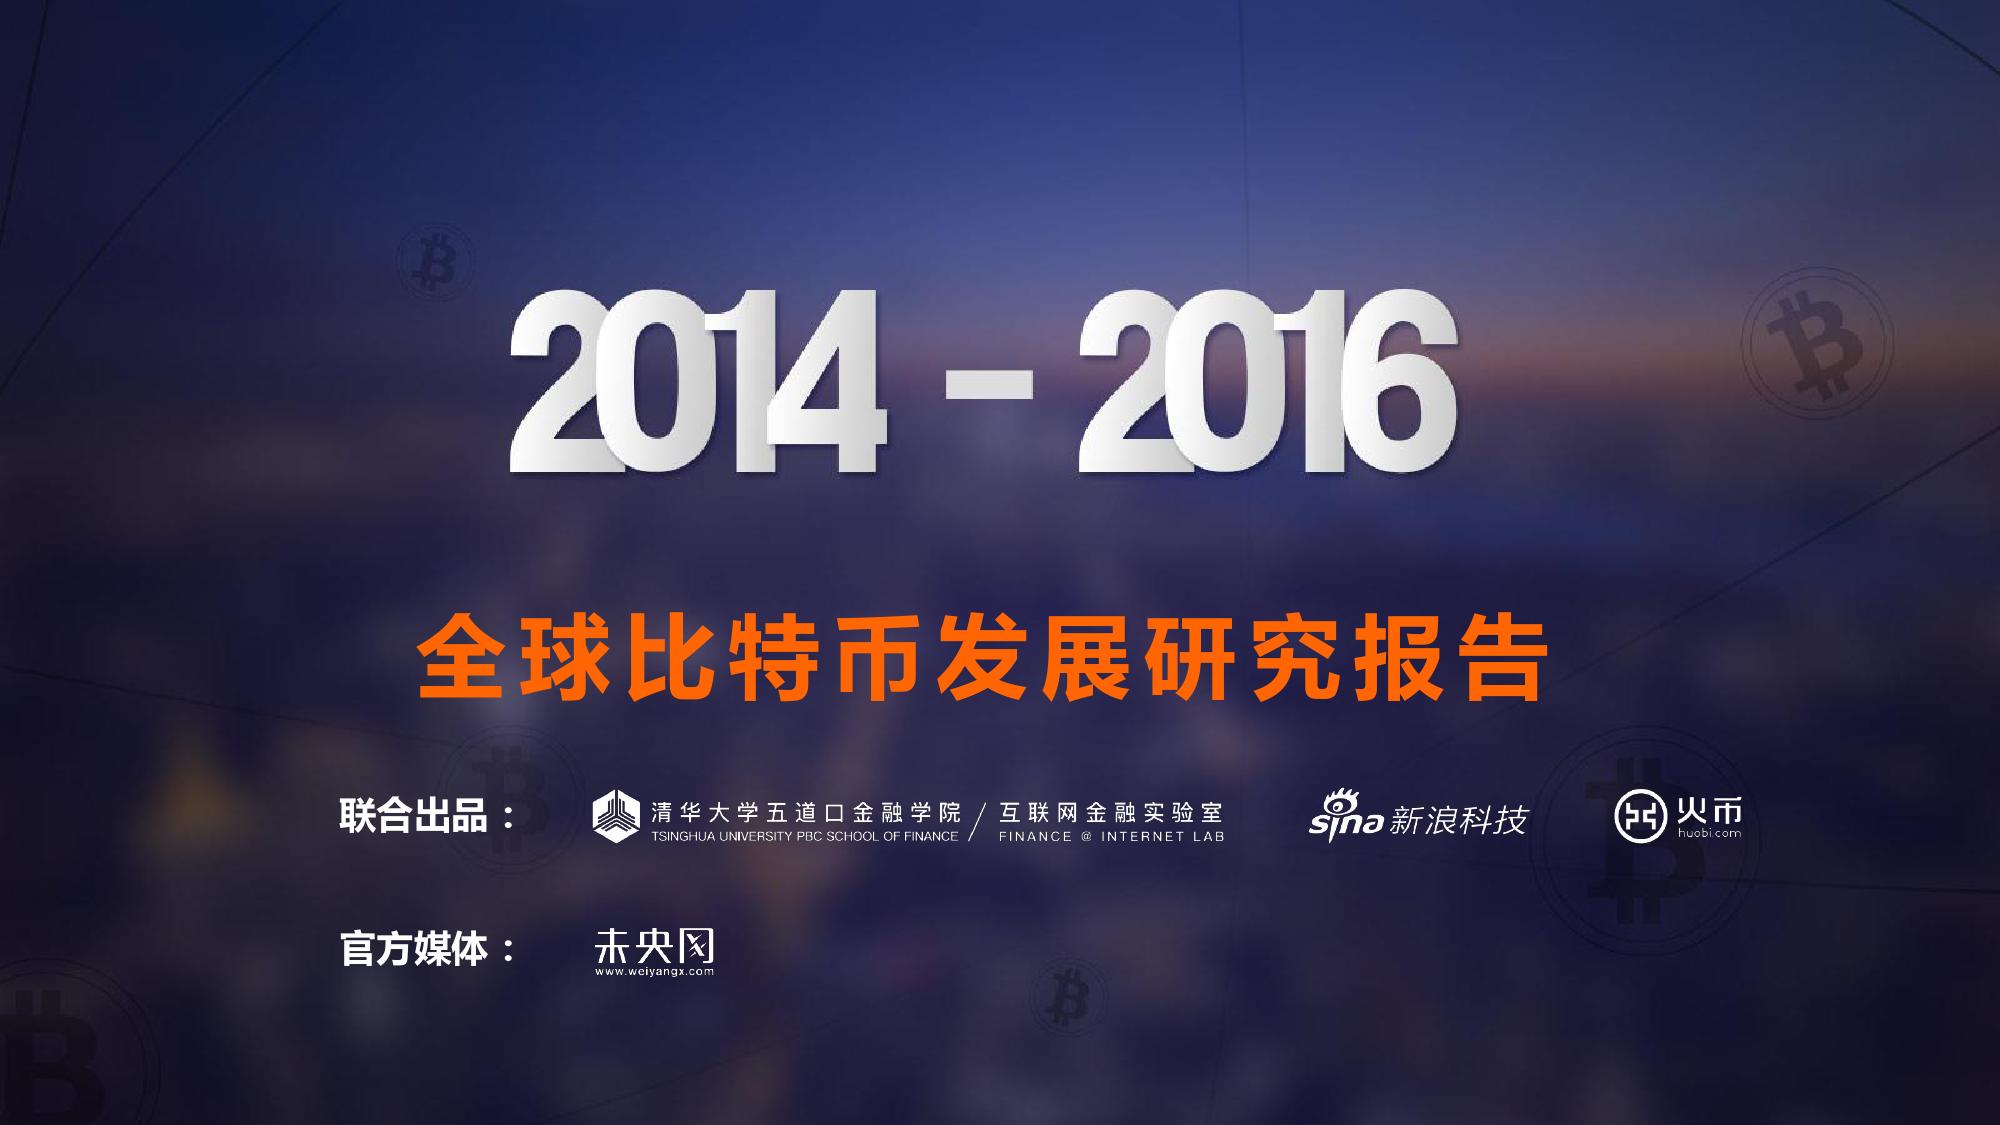 未央研究:2014-2016年全球比特币发展研究报告